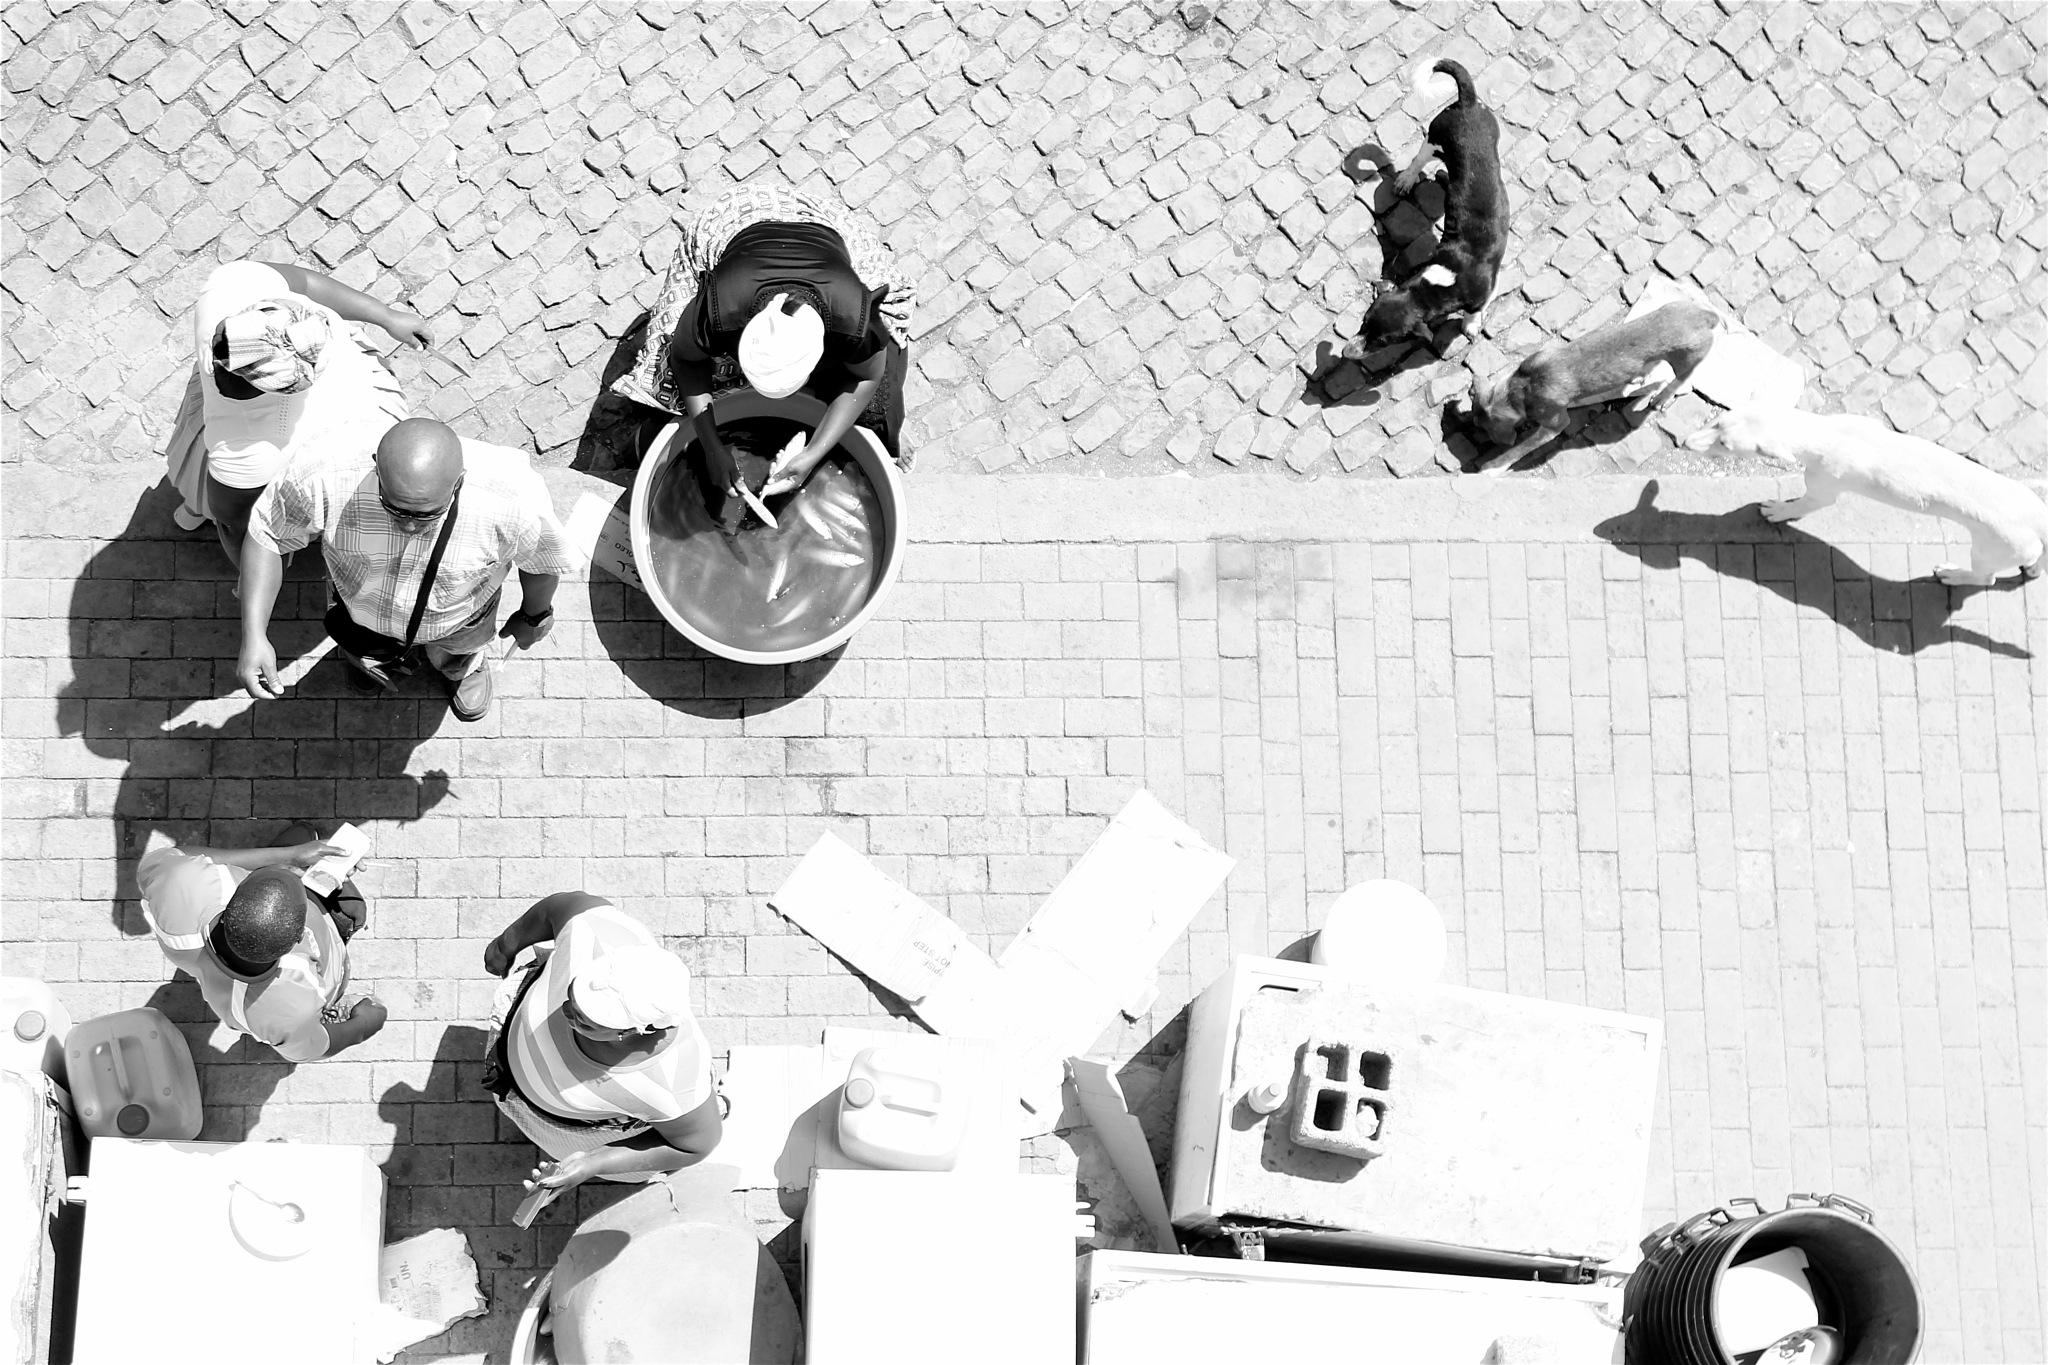 (EU) AQUI (TREIN)ANDO... 3/5 - H. Paz Monteiro by H. Paz Monteiro